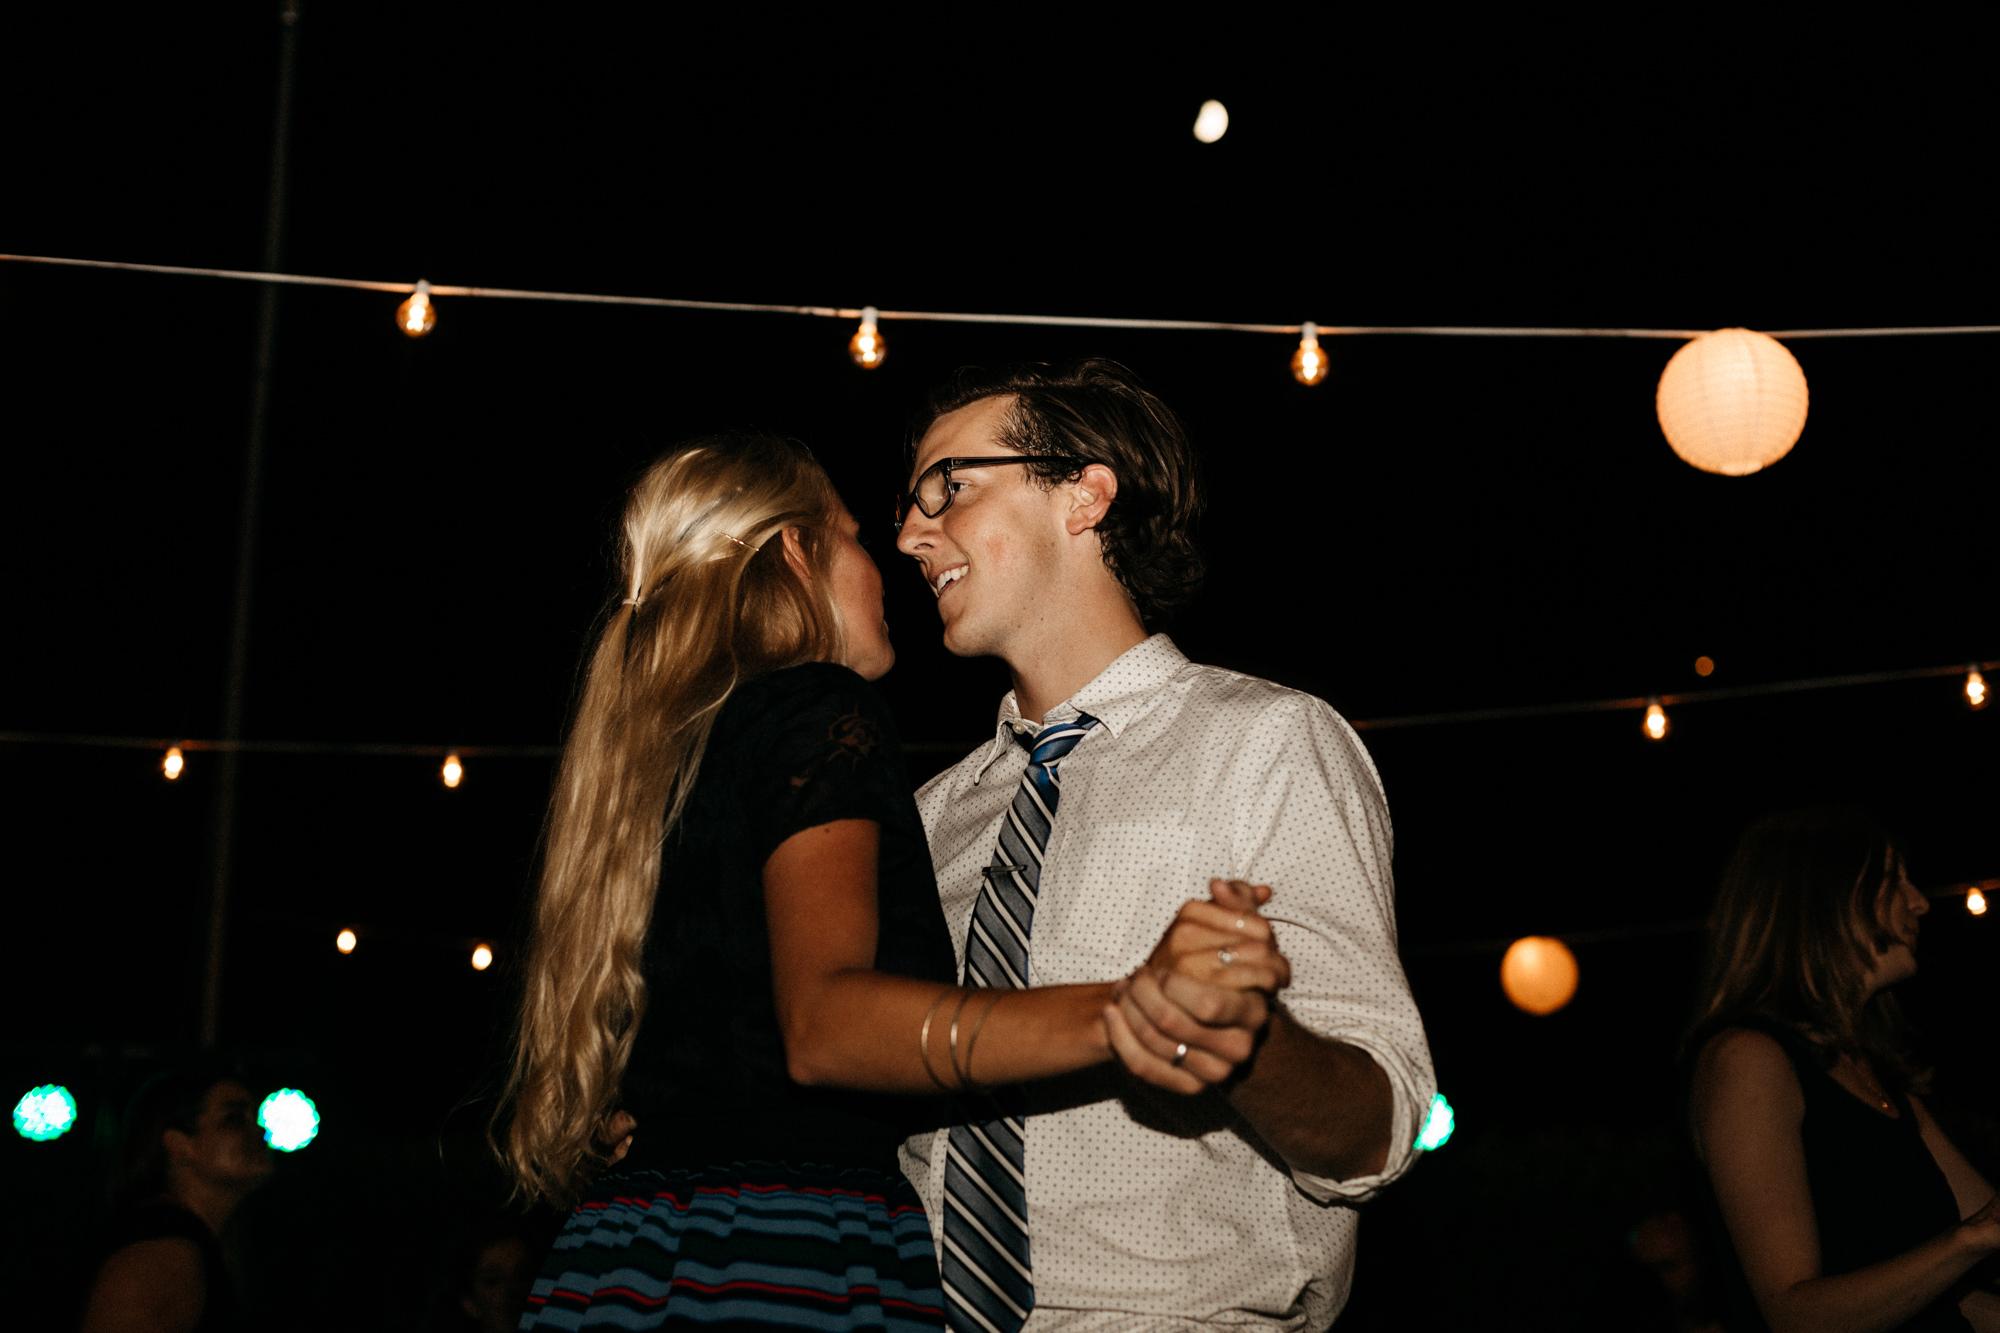 los_angeles_mormon_temple_wedding-54.jpg